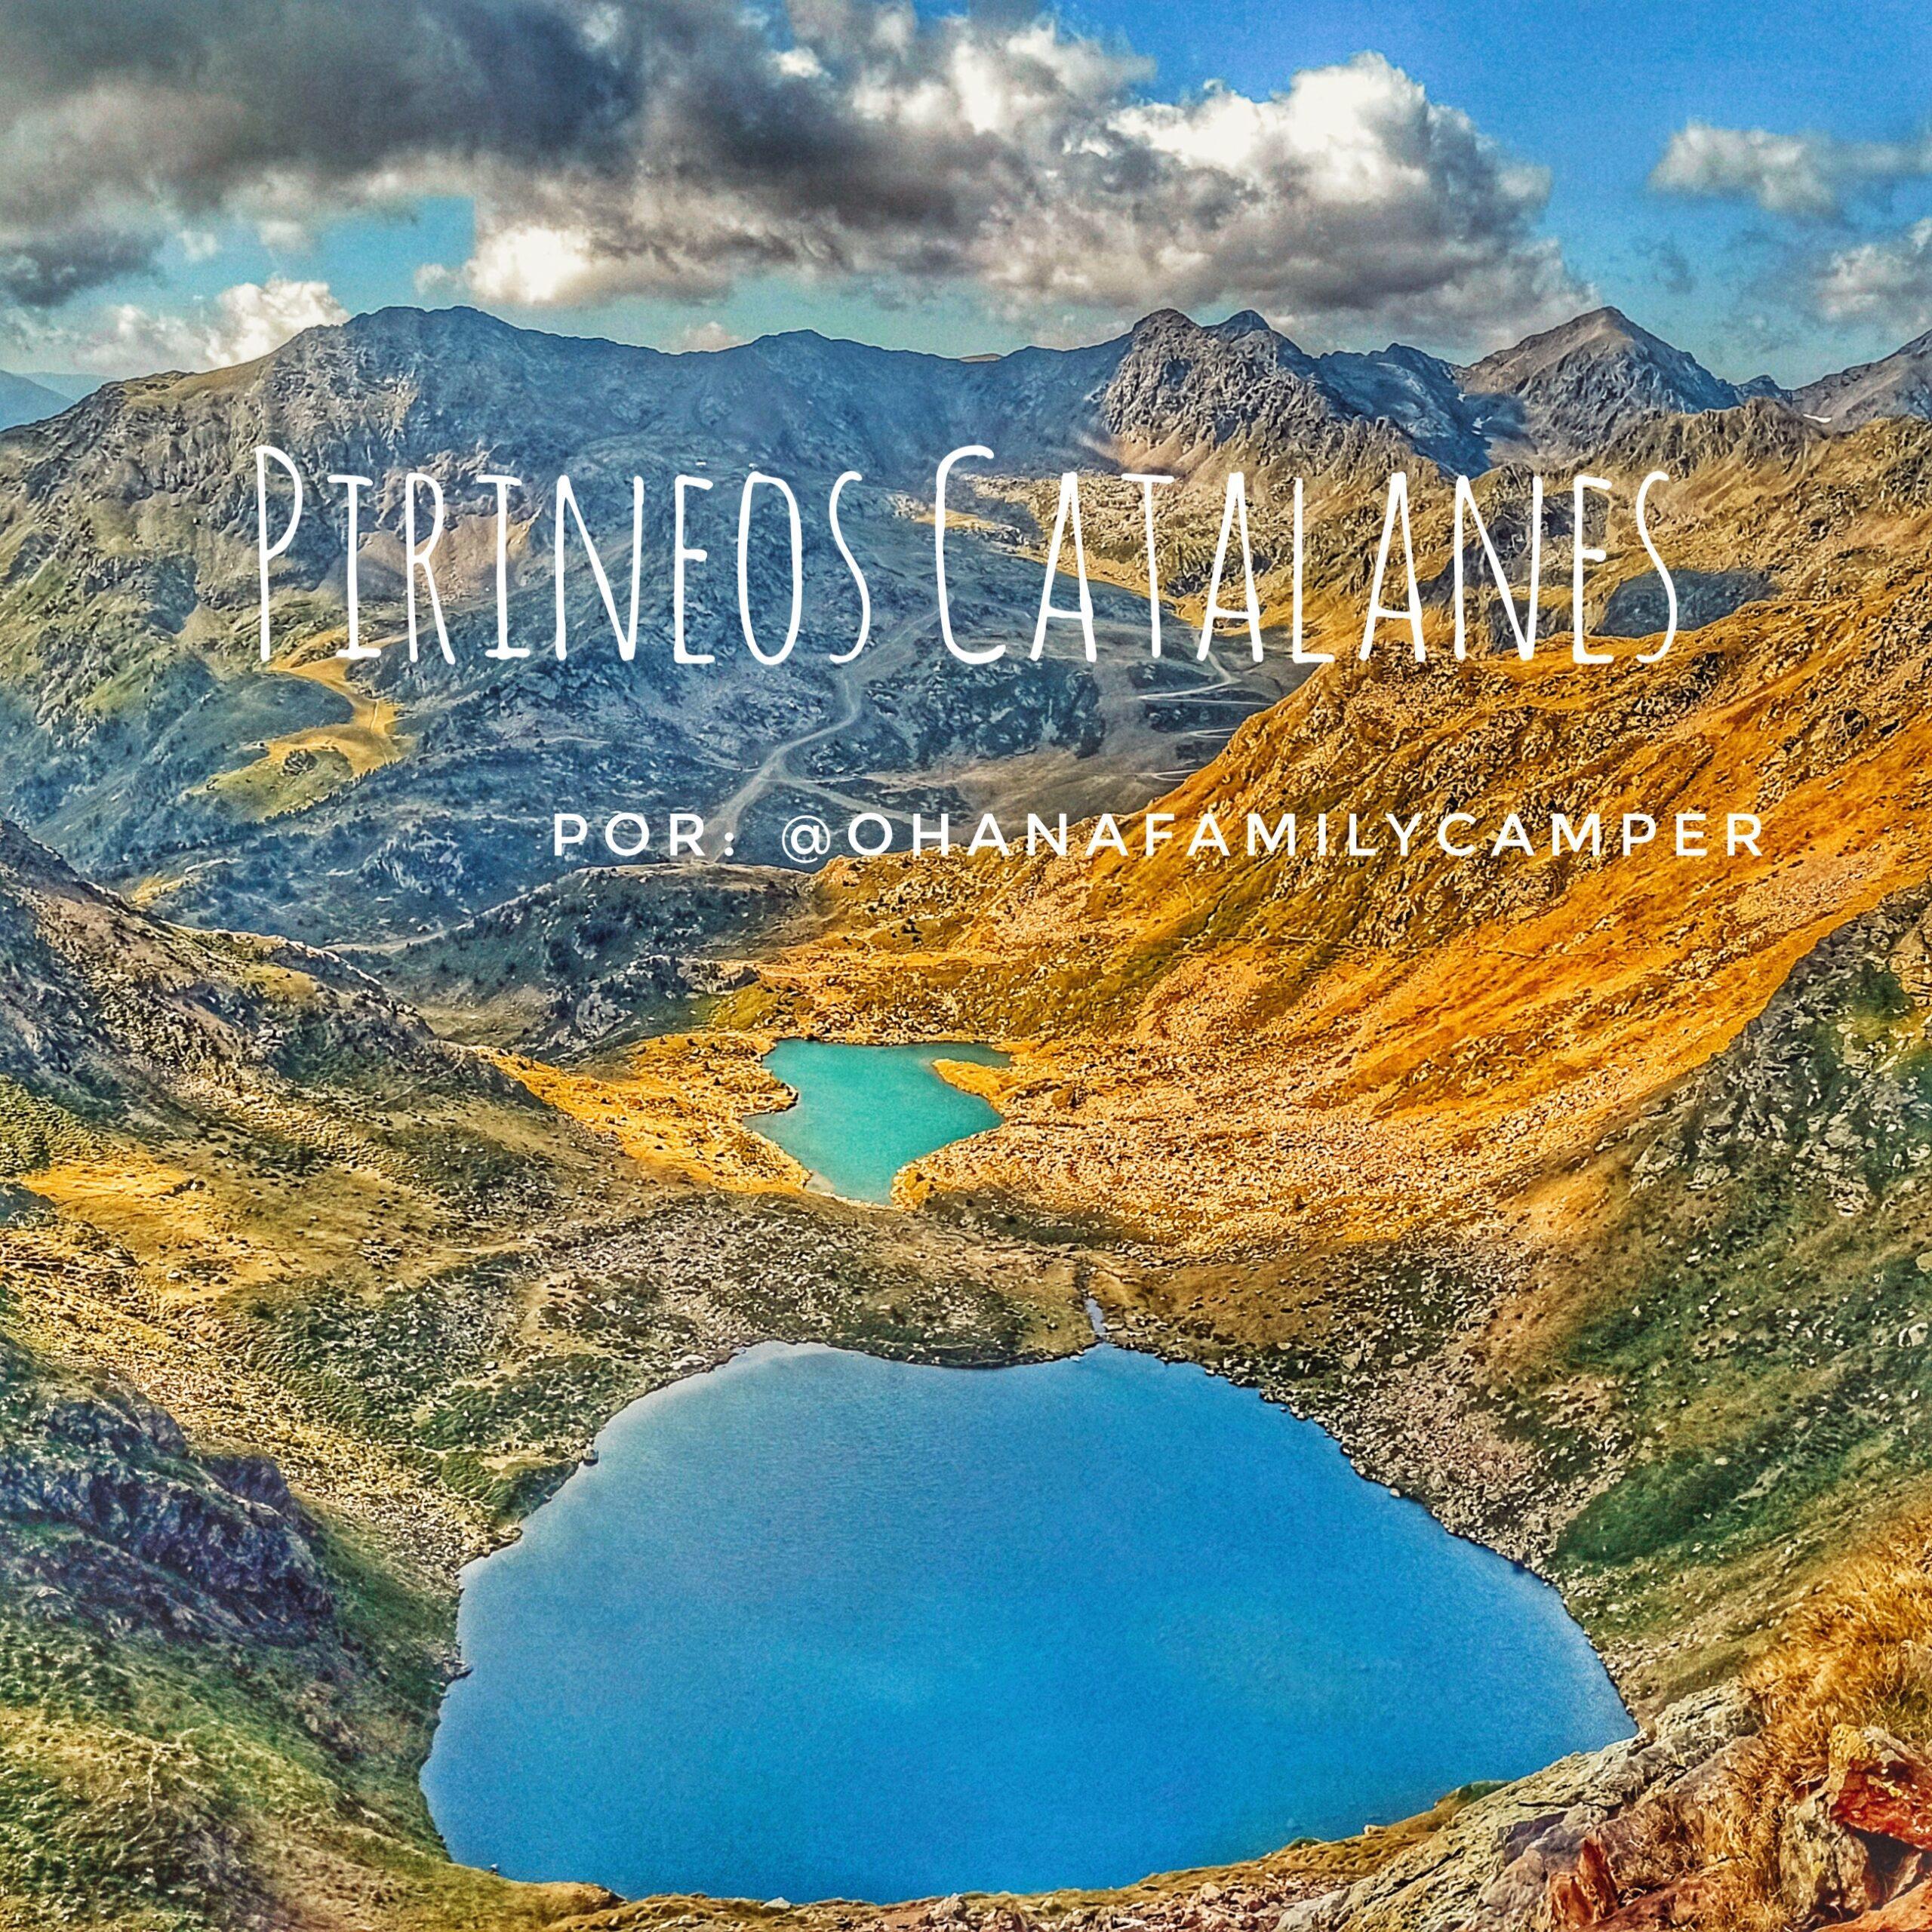 Percorri 11 destinazioni nei Pirenei catalani con i bambini in camper o furgone di @ohanafamilycamper